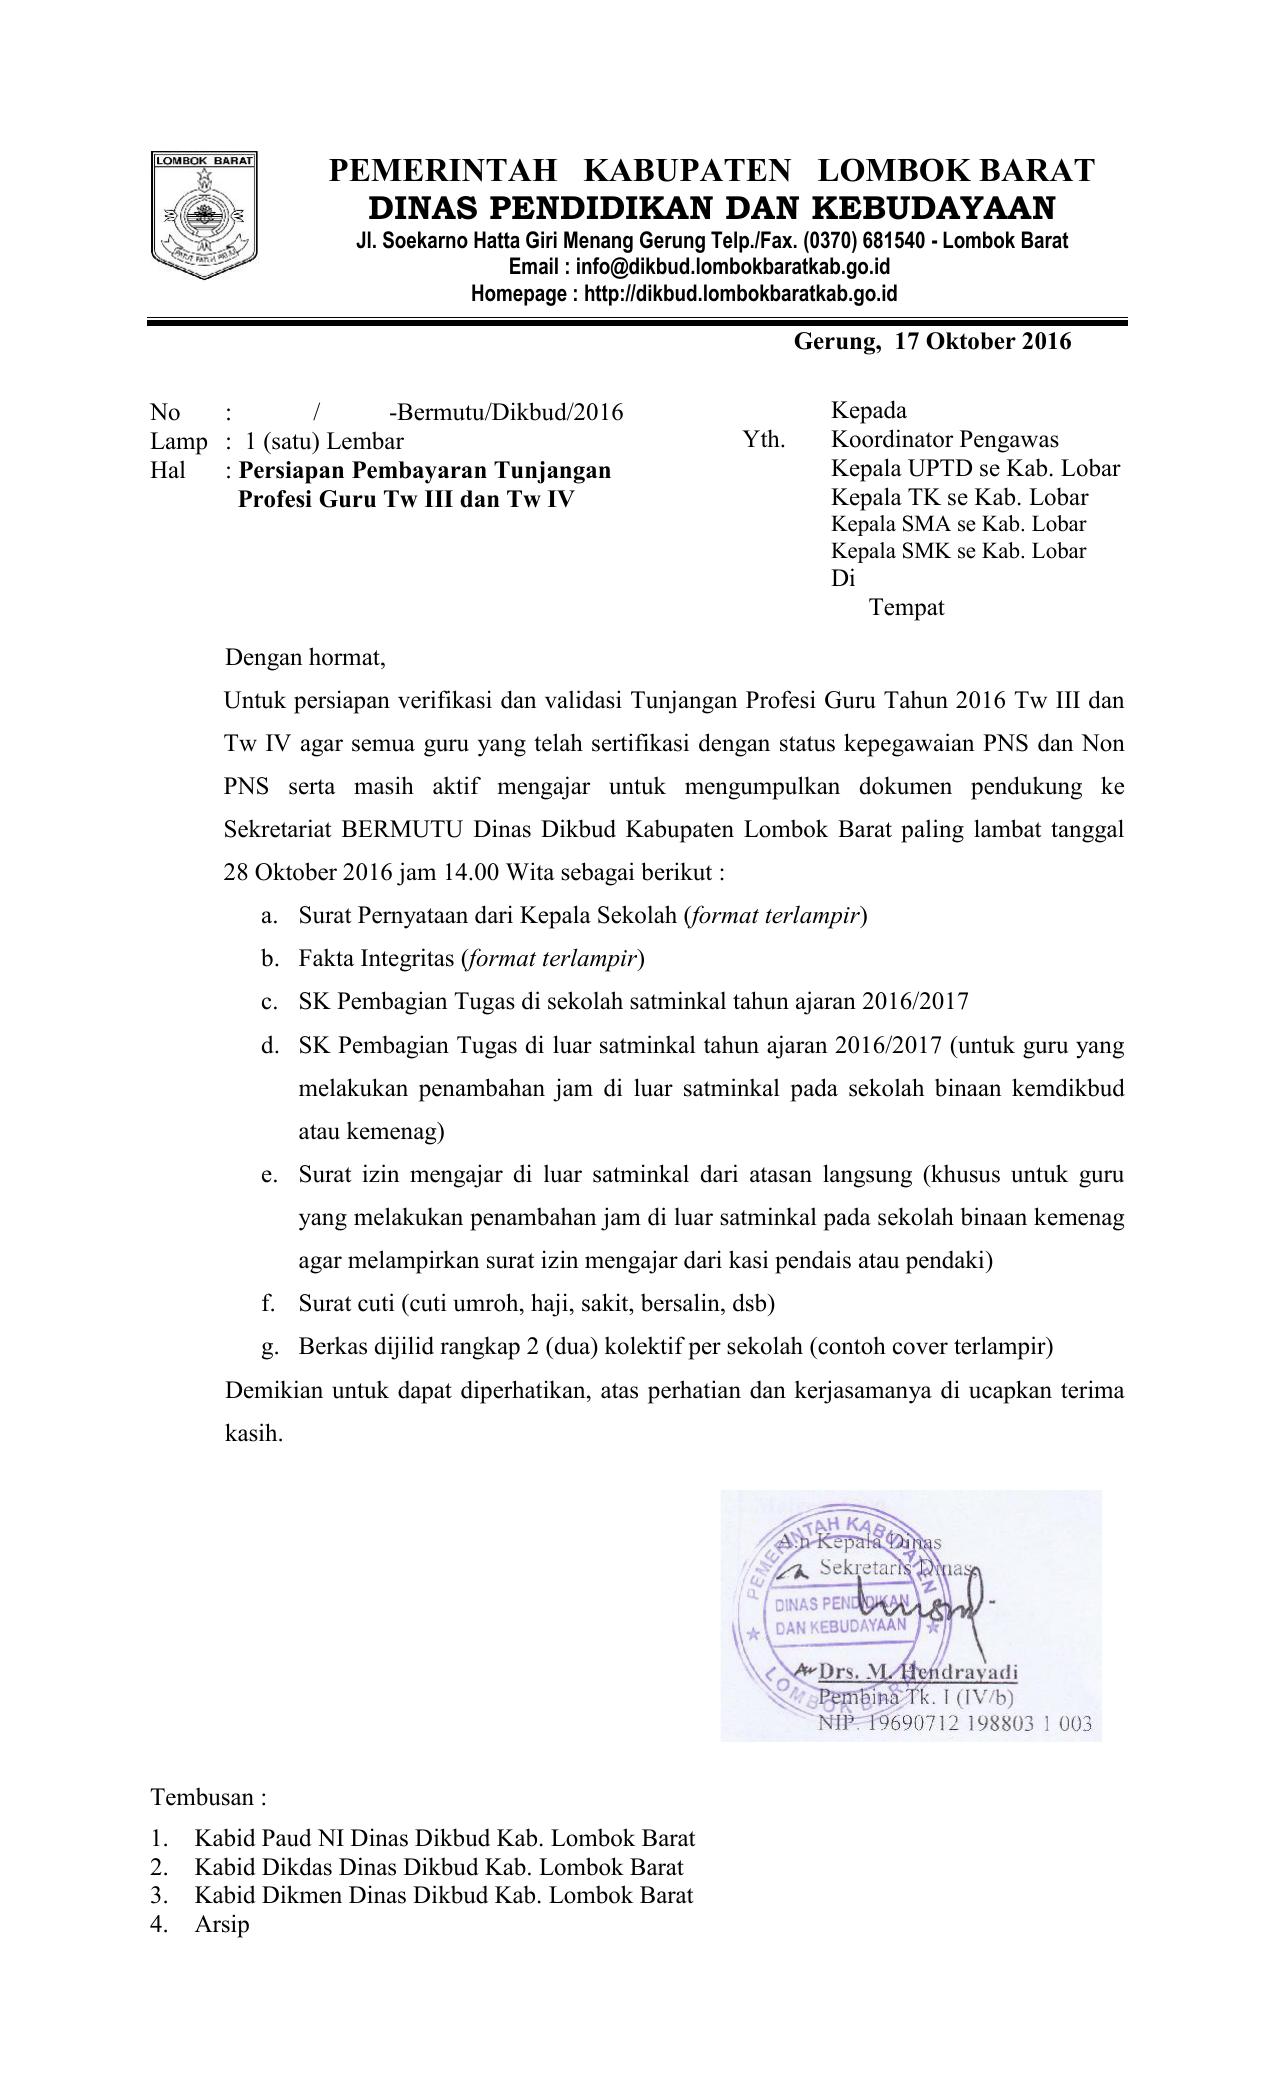 Pemerintah Kabupaten Lombok Barat Dinas